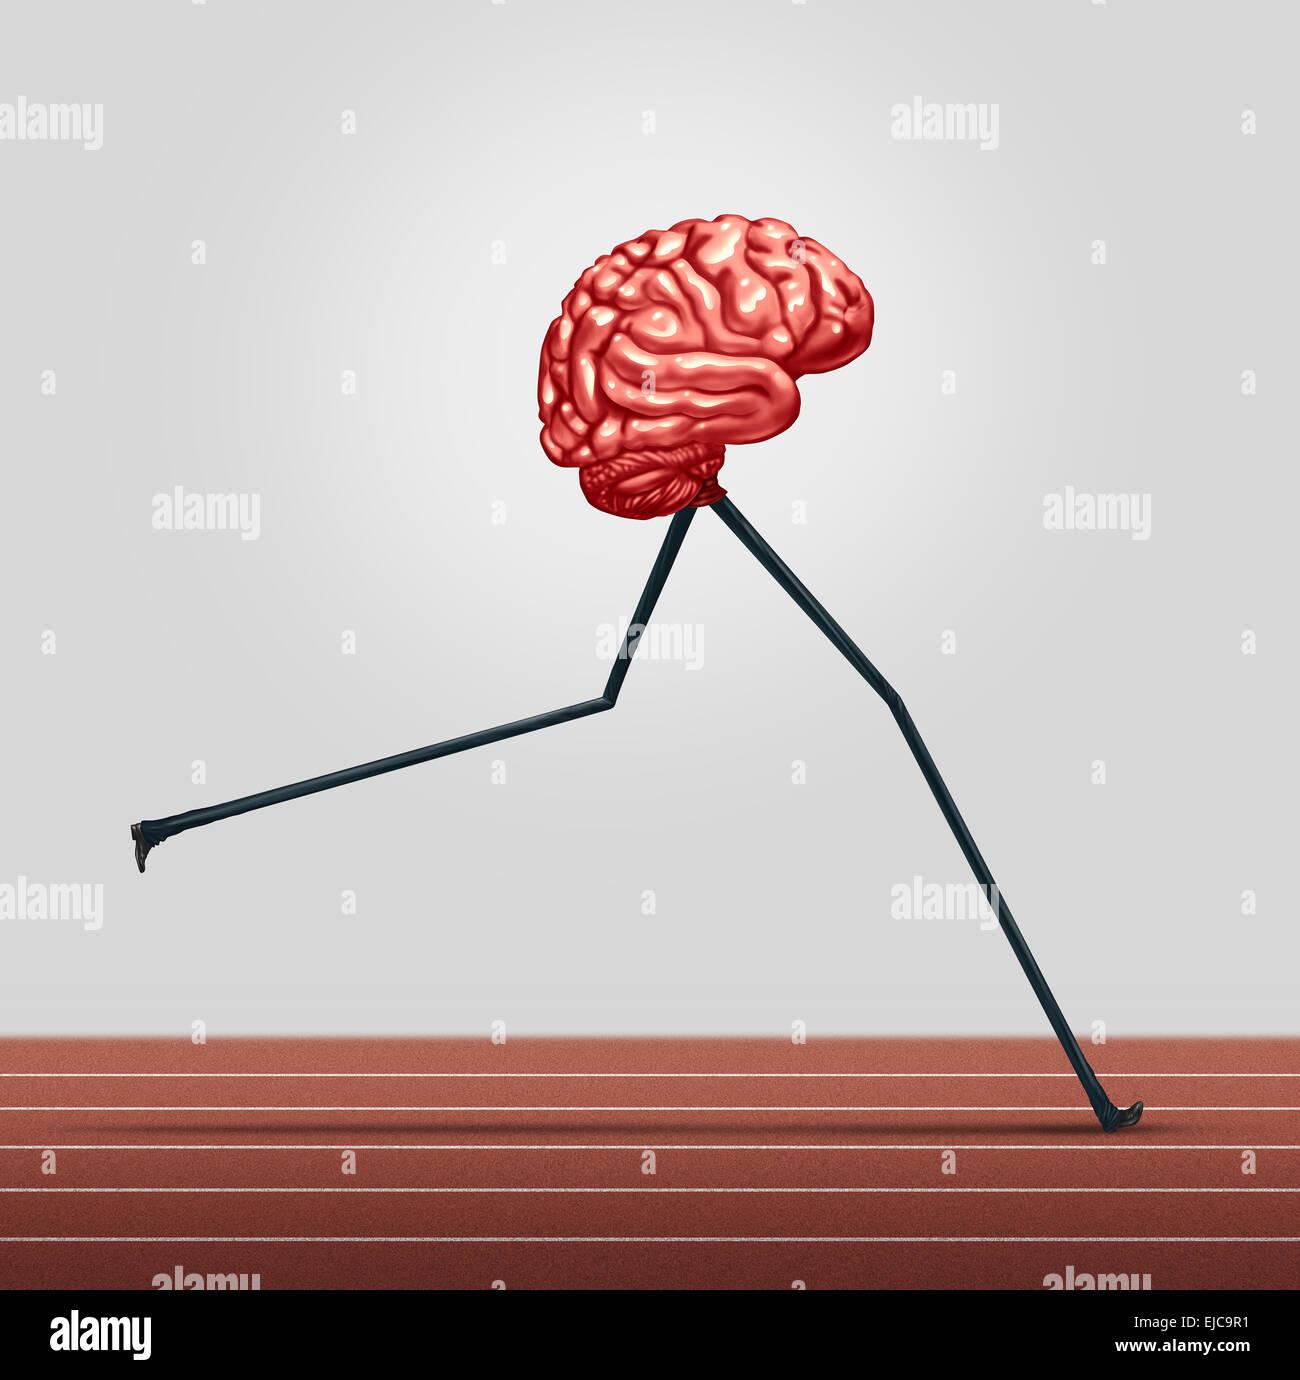 Cerebro rápido y memoria el concepto de entrenamiento como un pensamiento humano órgano con piernas corriendo Imagen De Stock